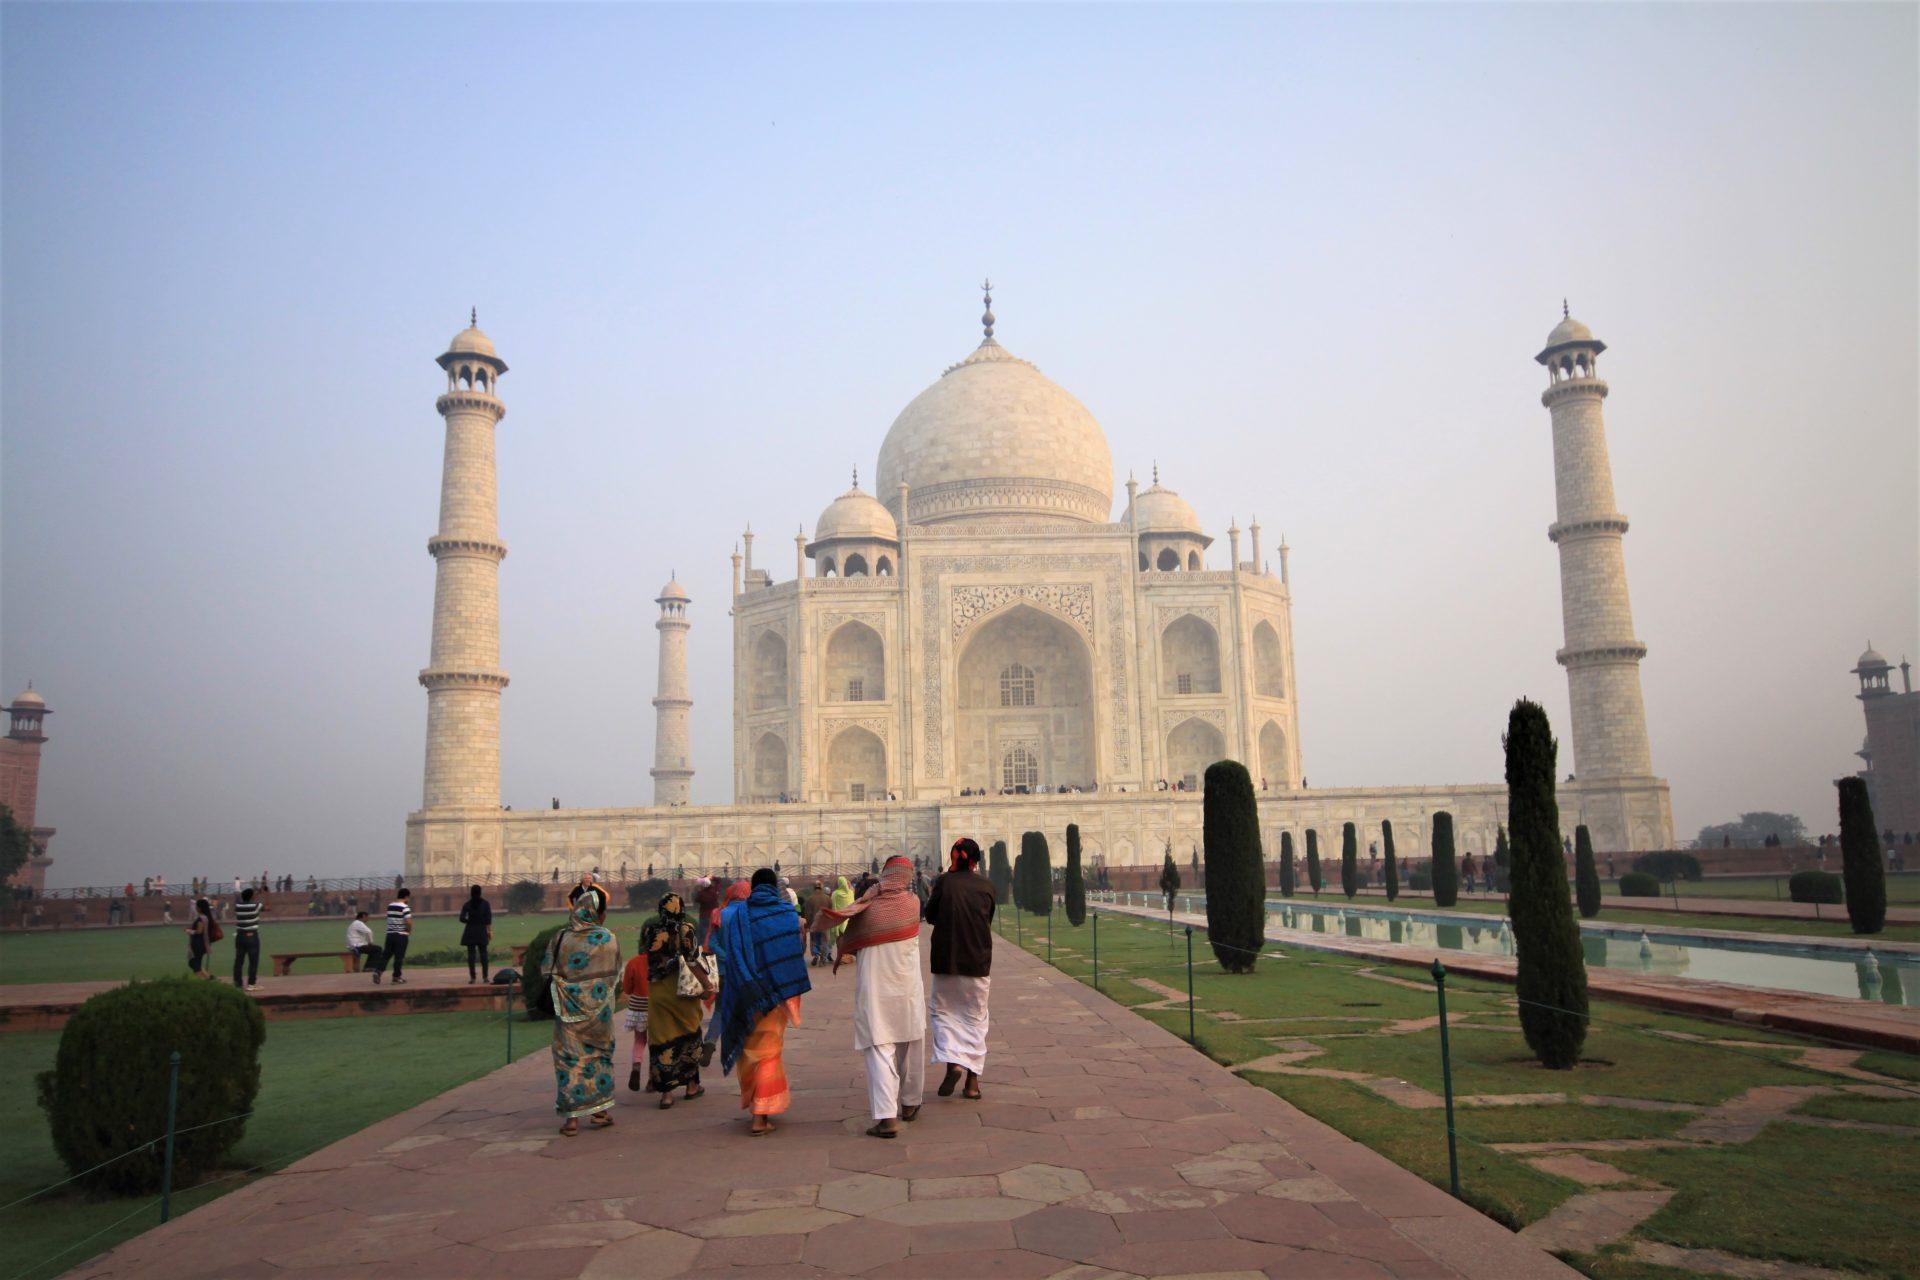 Indie Taj Mahal